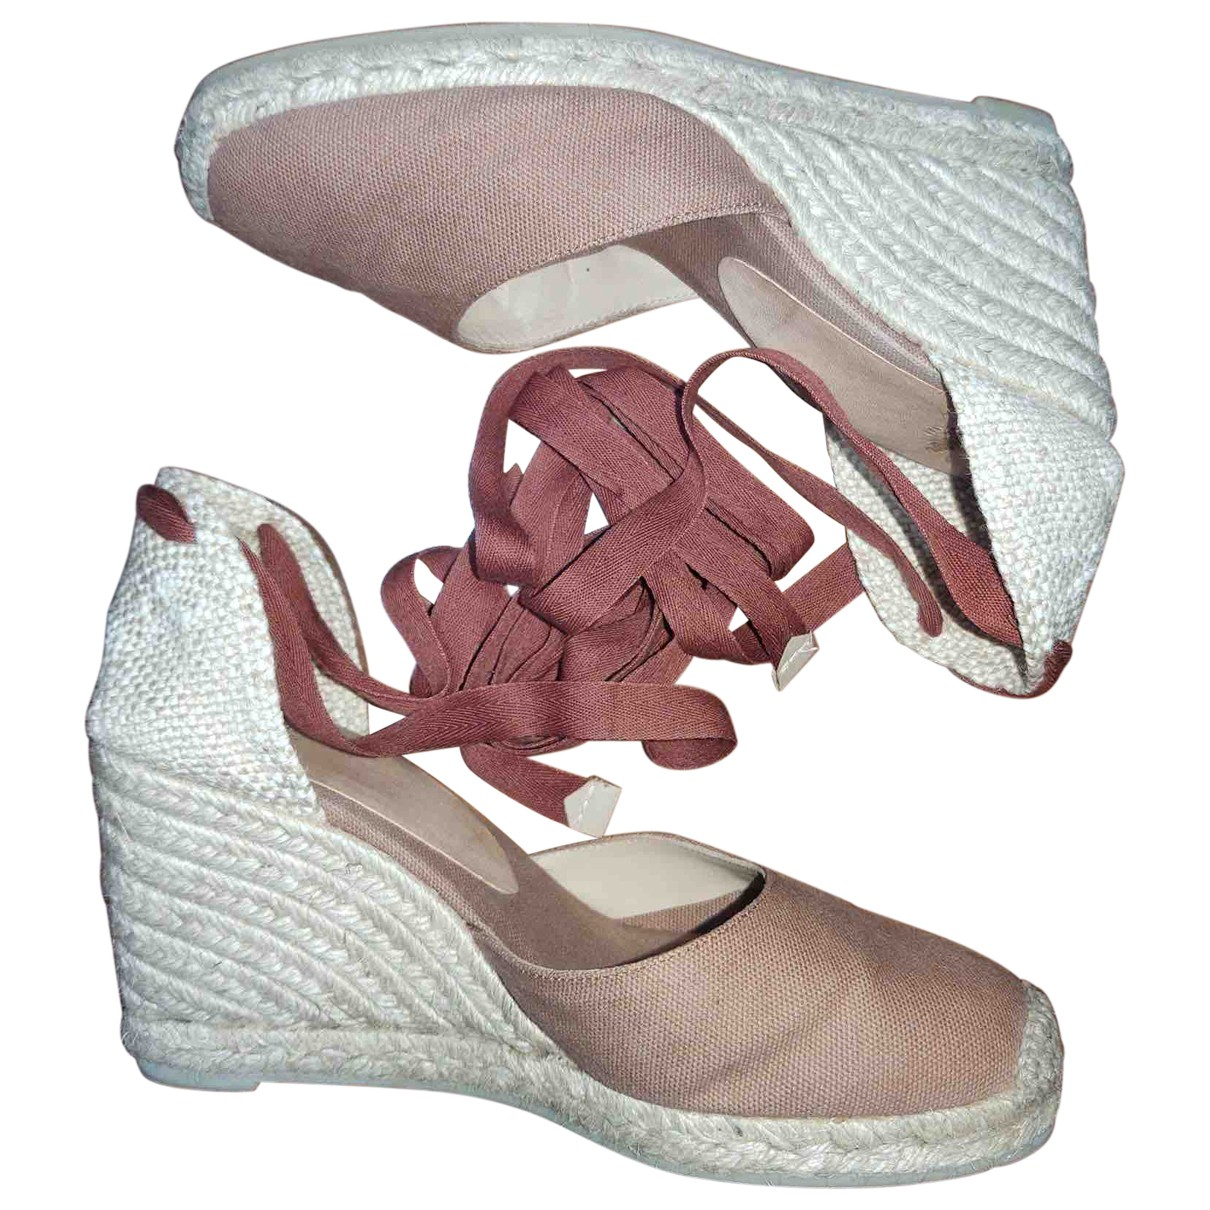 Castaner N Camel Cloth Espadrilles for Women 38 IT